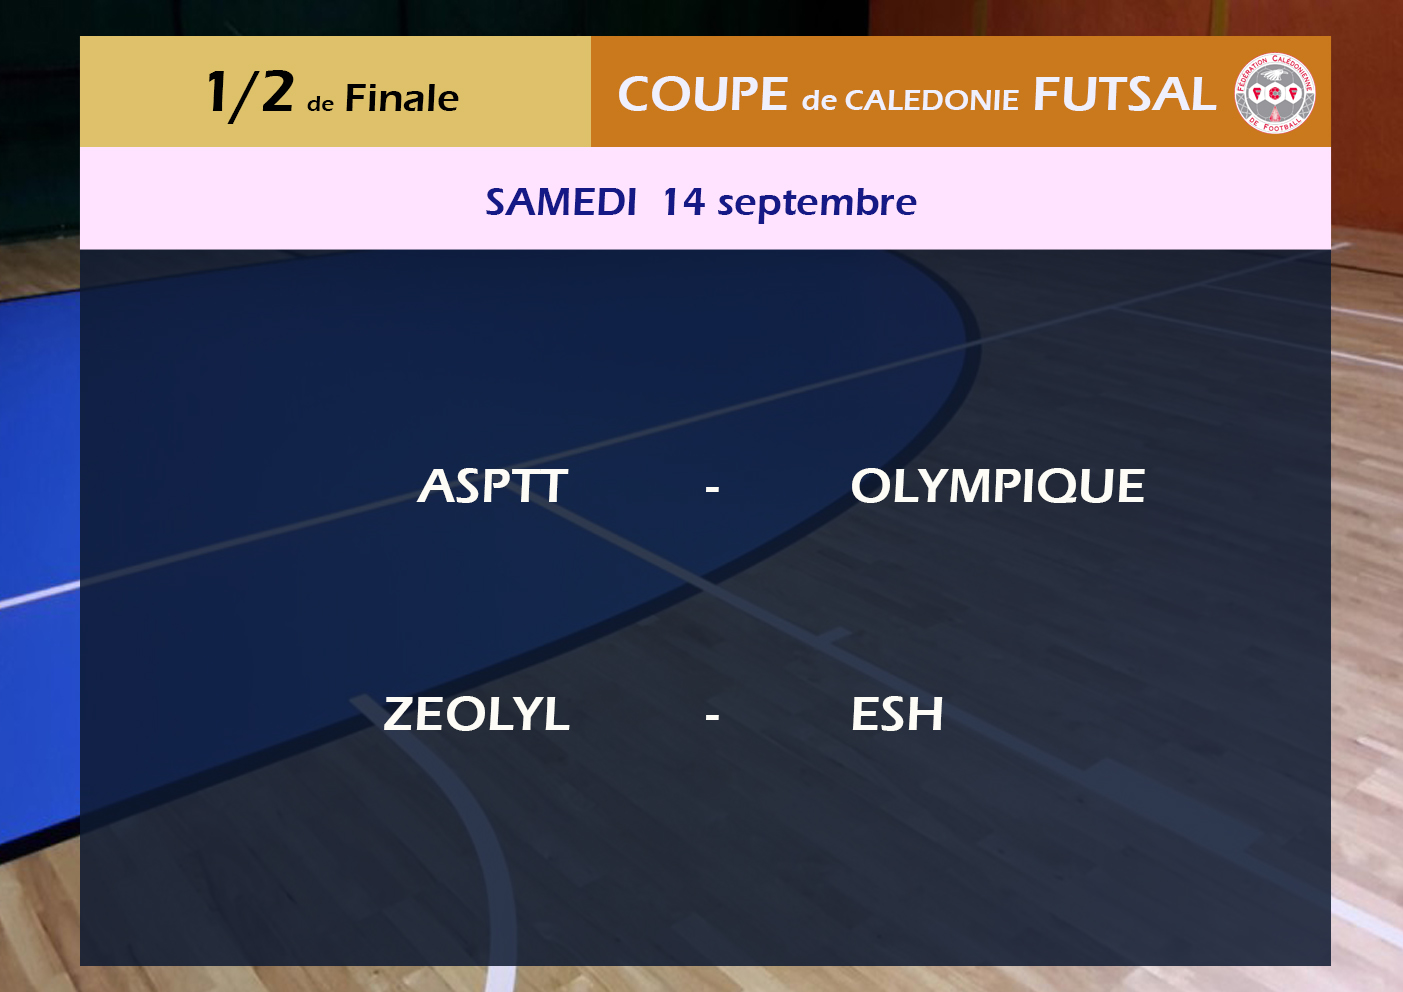 Le dernier carré est connu / Coupe de Calédonie FUTSAL - Tirage 1/2 finales